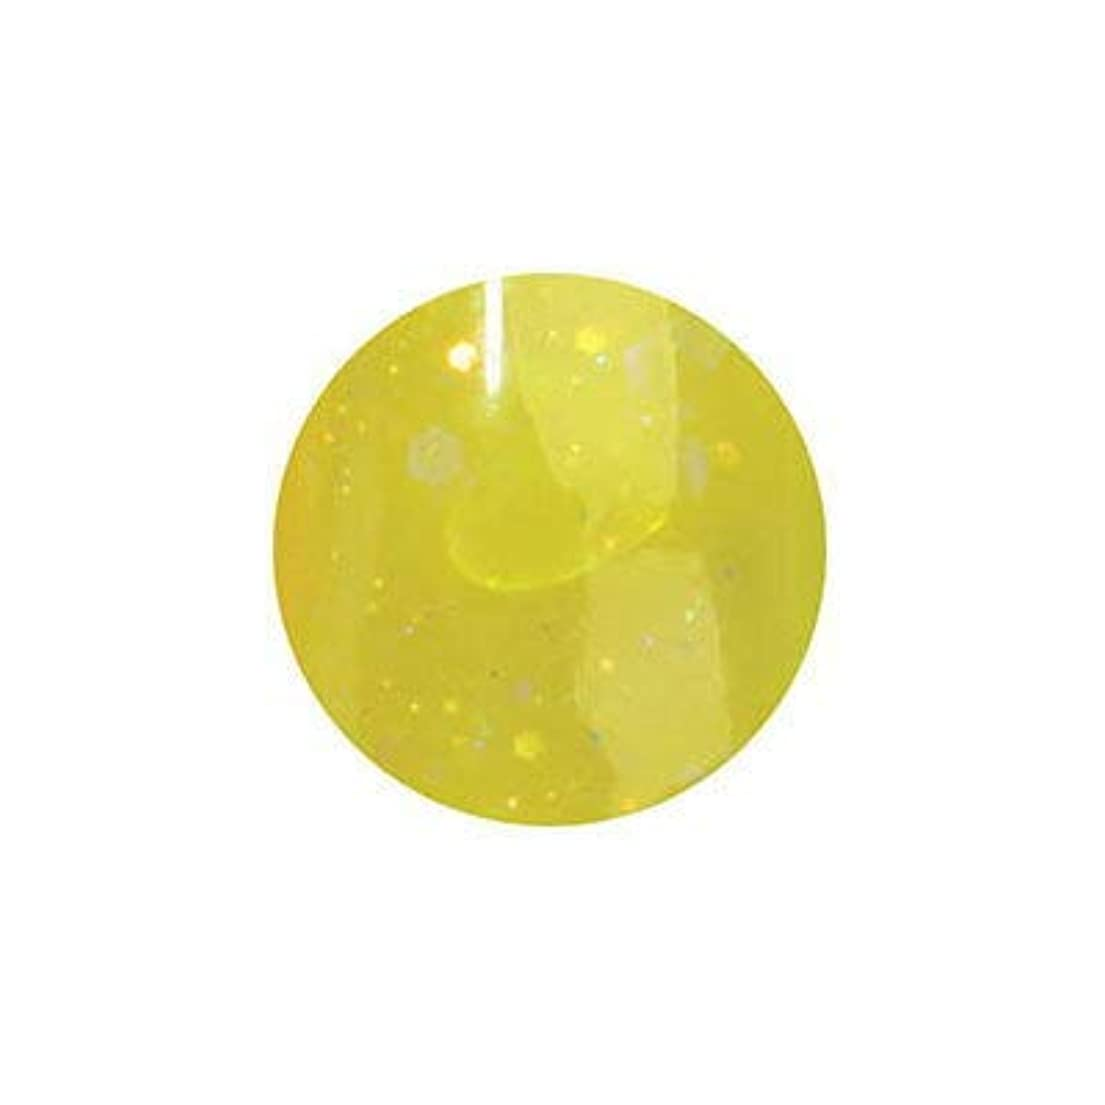 添加剤論理的コーデリアミス ミラージュ byなかやまちえこ ソークオフジェル NW45 5g